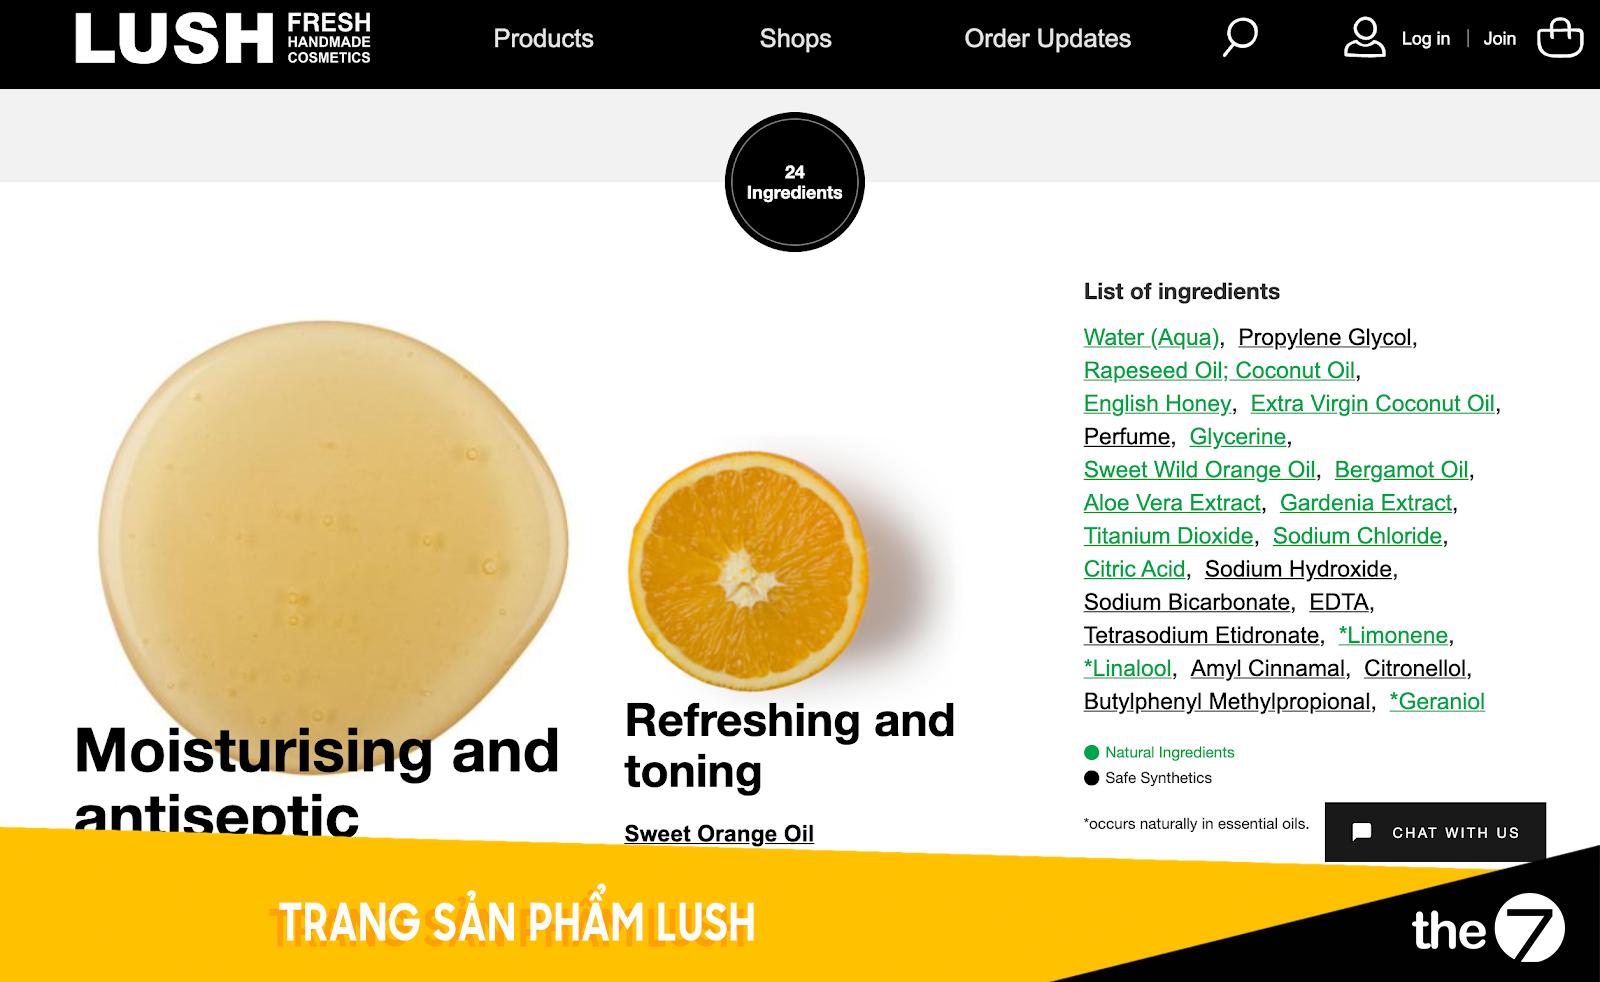 Thiết kế website bán hàng - Trang bán hàng Lush